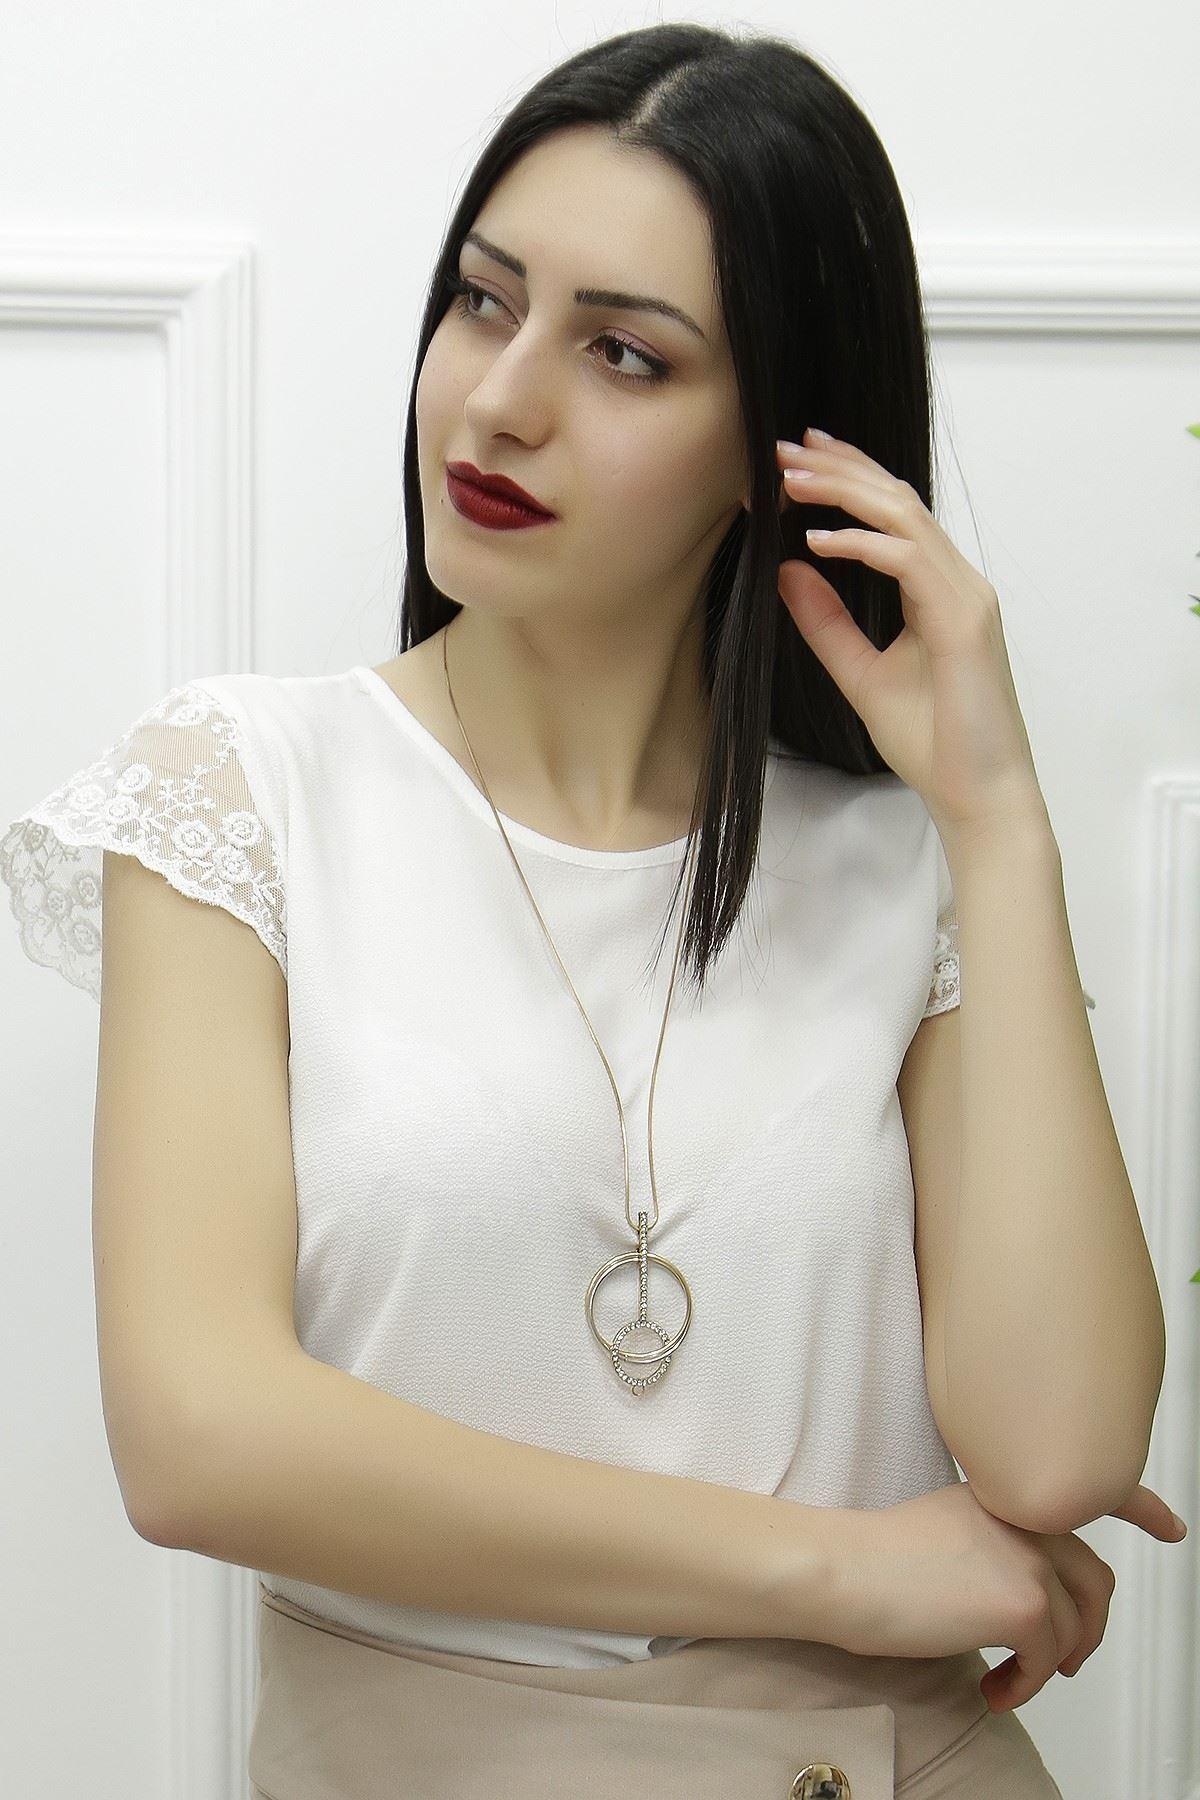 Kolu Tül Detaylı Bluz Beyaz - 3888.148. - y.s